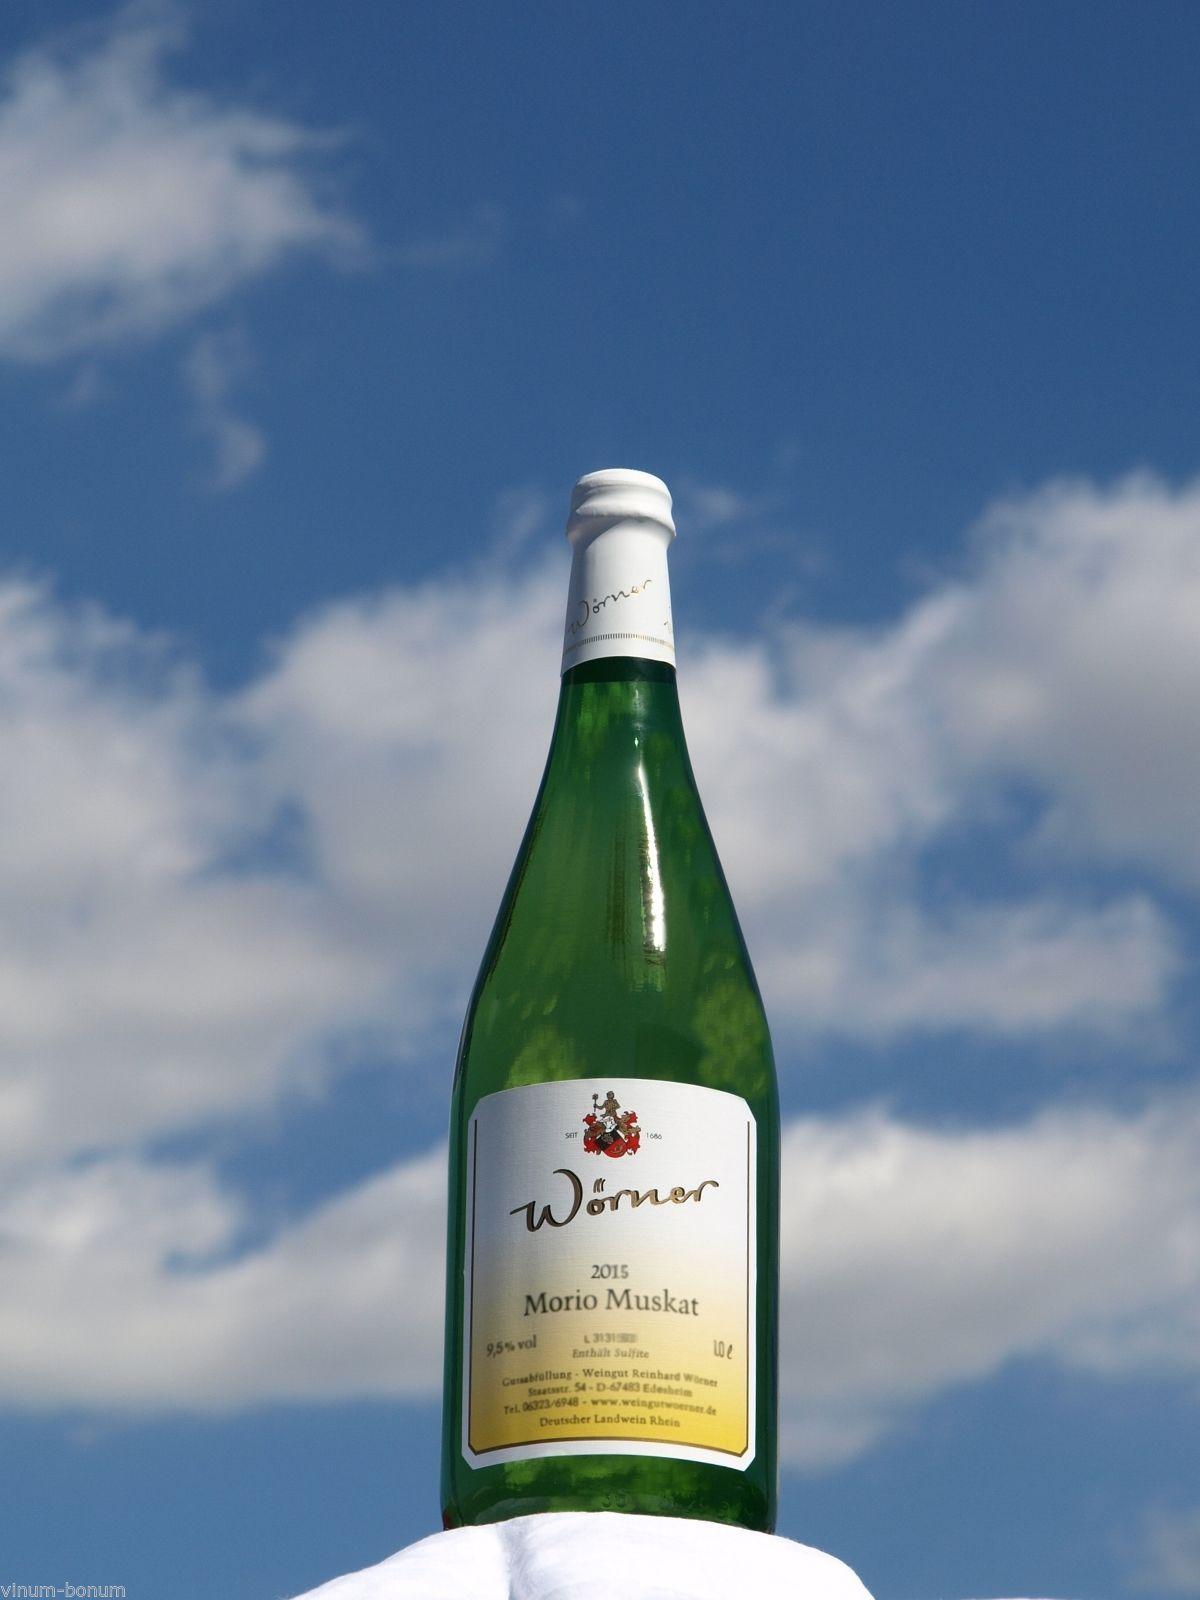 Morio Muskat 6 Fl Weingut Worner Wein Aus Der Pfalz Lieblich Weisswein Literfl Sparen25 Com Sparen25 De Sparen25 In Weingut Weisswein Weinflasche